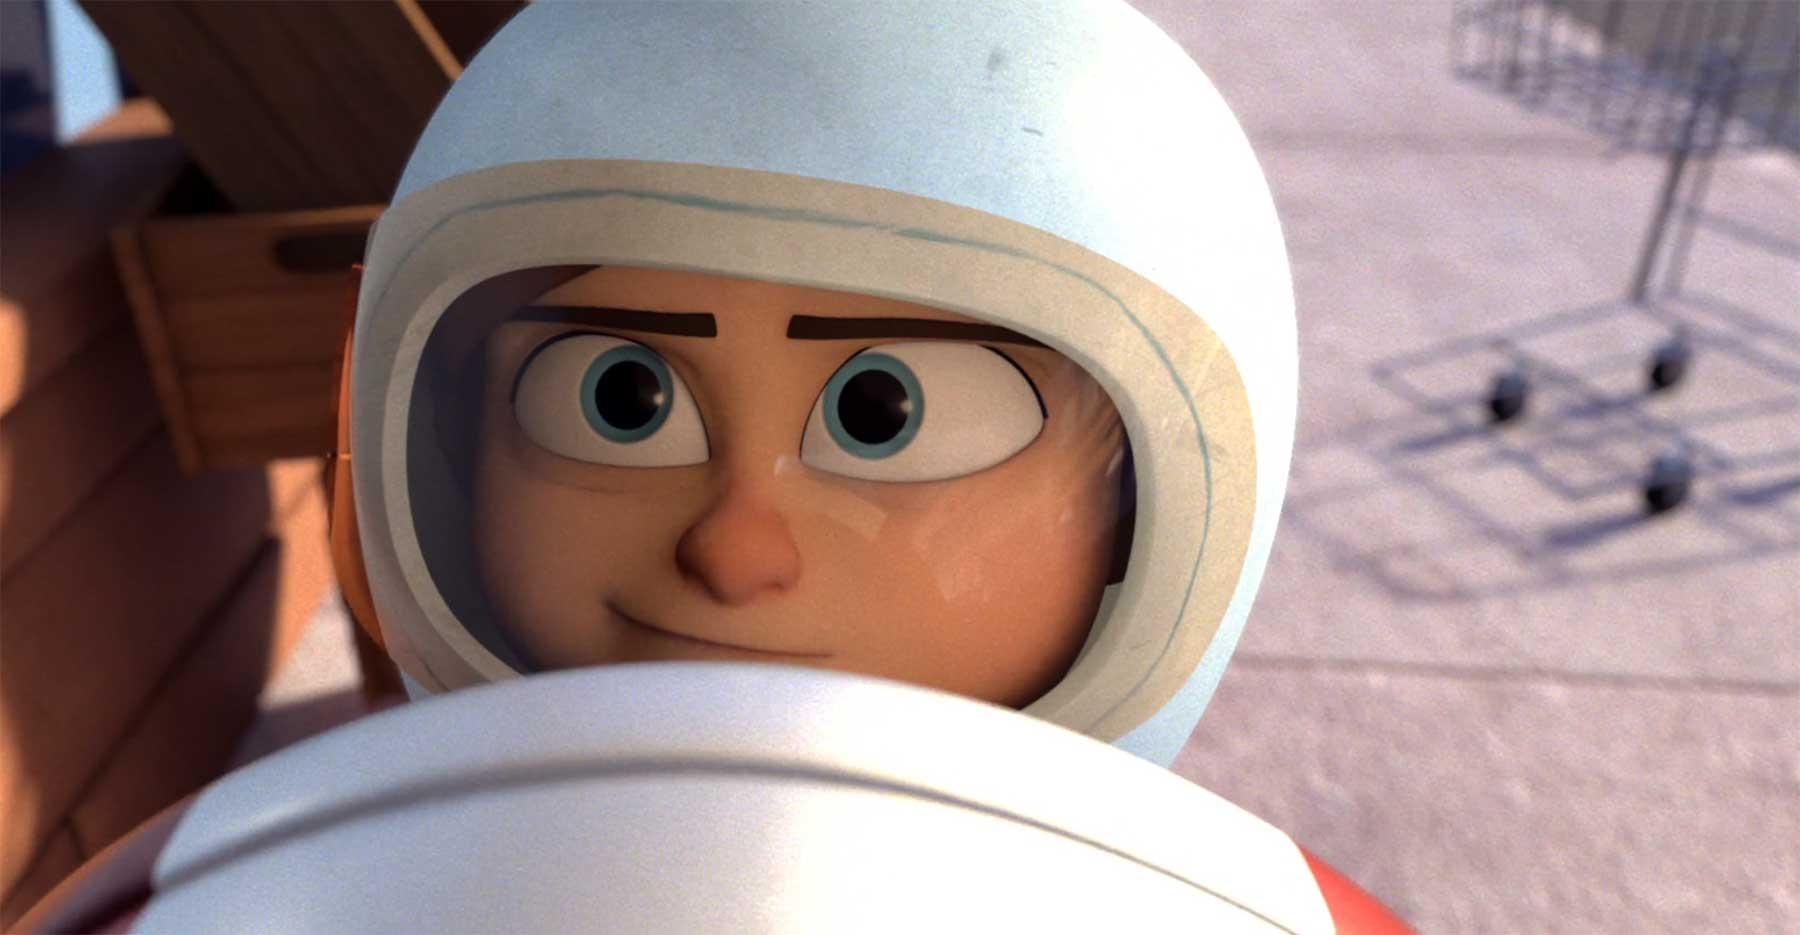 Wunderschön erzählter Astronauten-Traum eines Jungen coin-operated